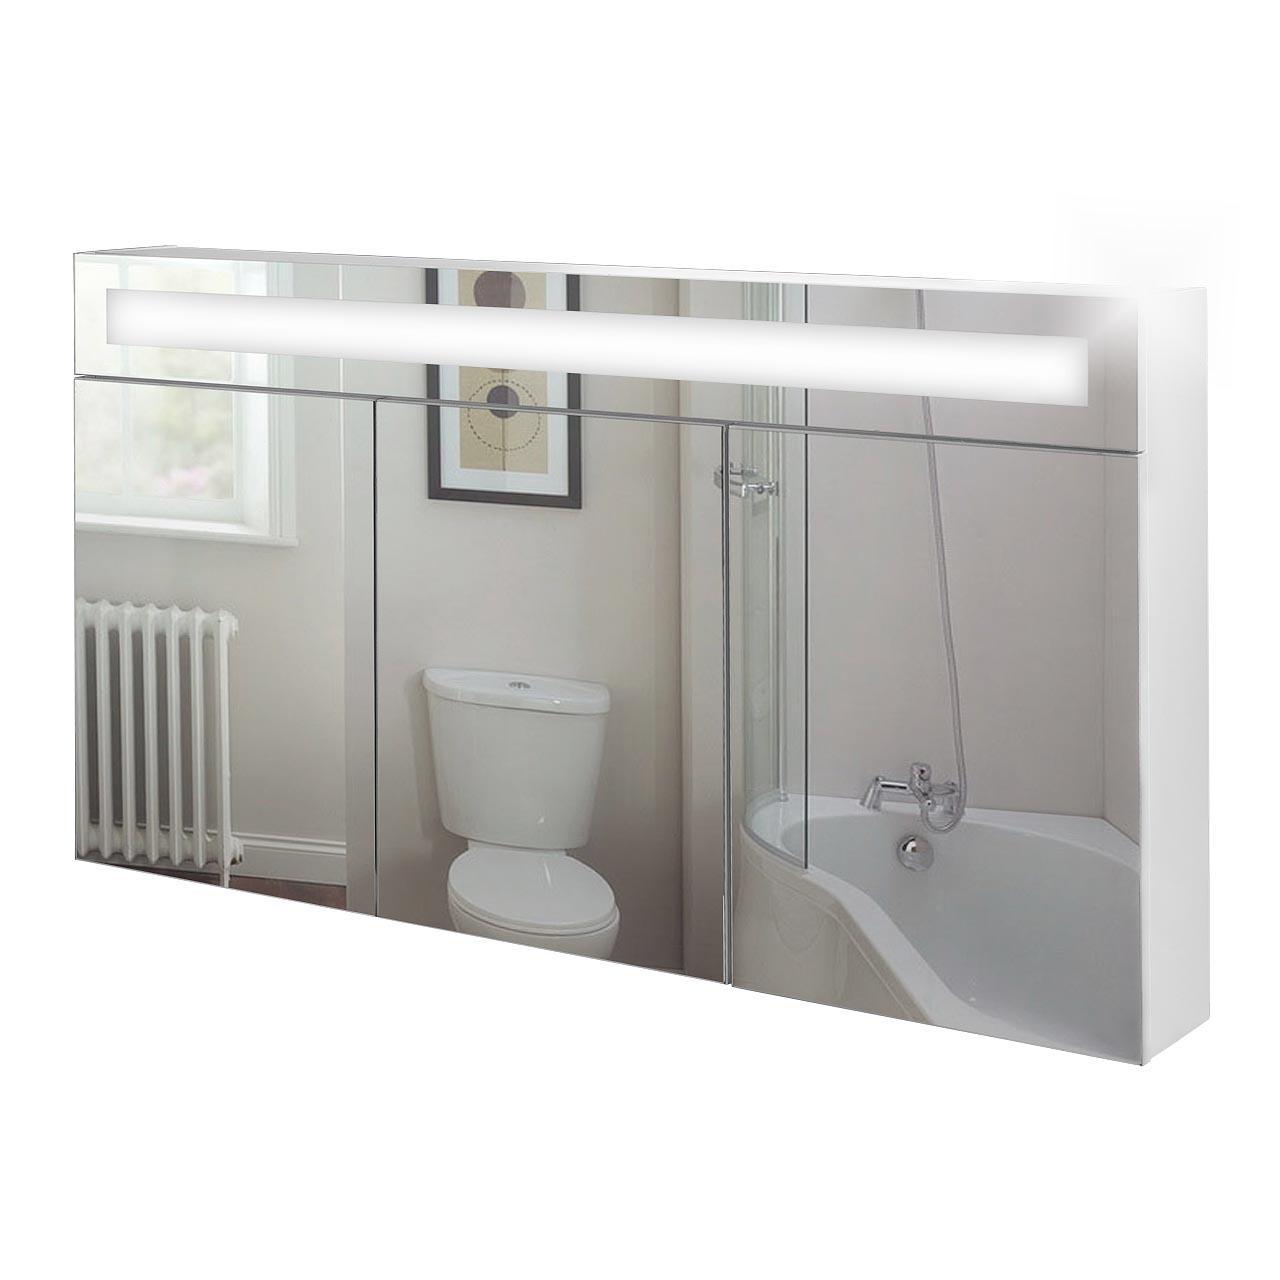 Spiegelschrank-beleuchtet-Spiegel-Bad-Badspiegel-Badmoebel-Badschrank-Softclose